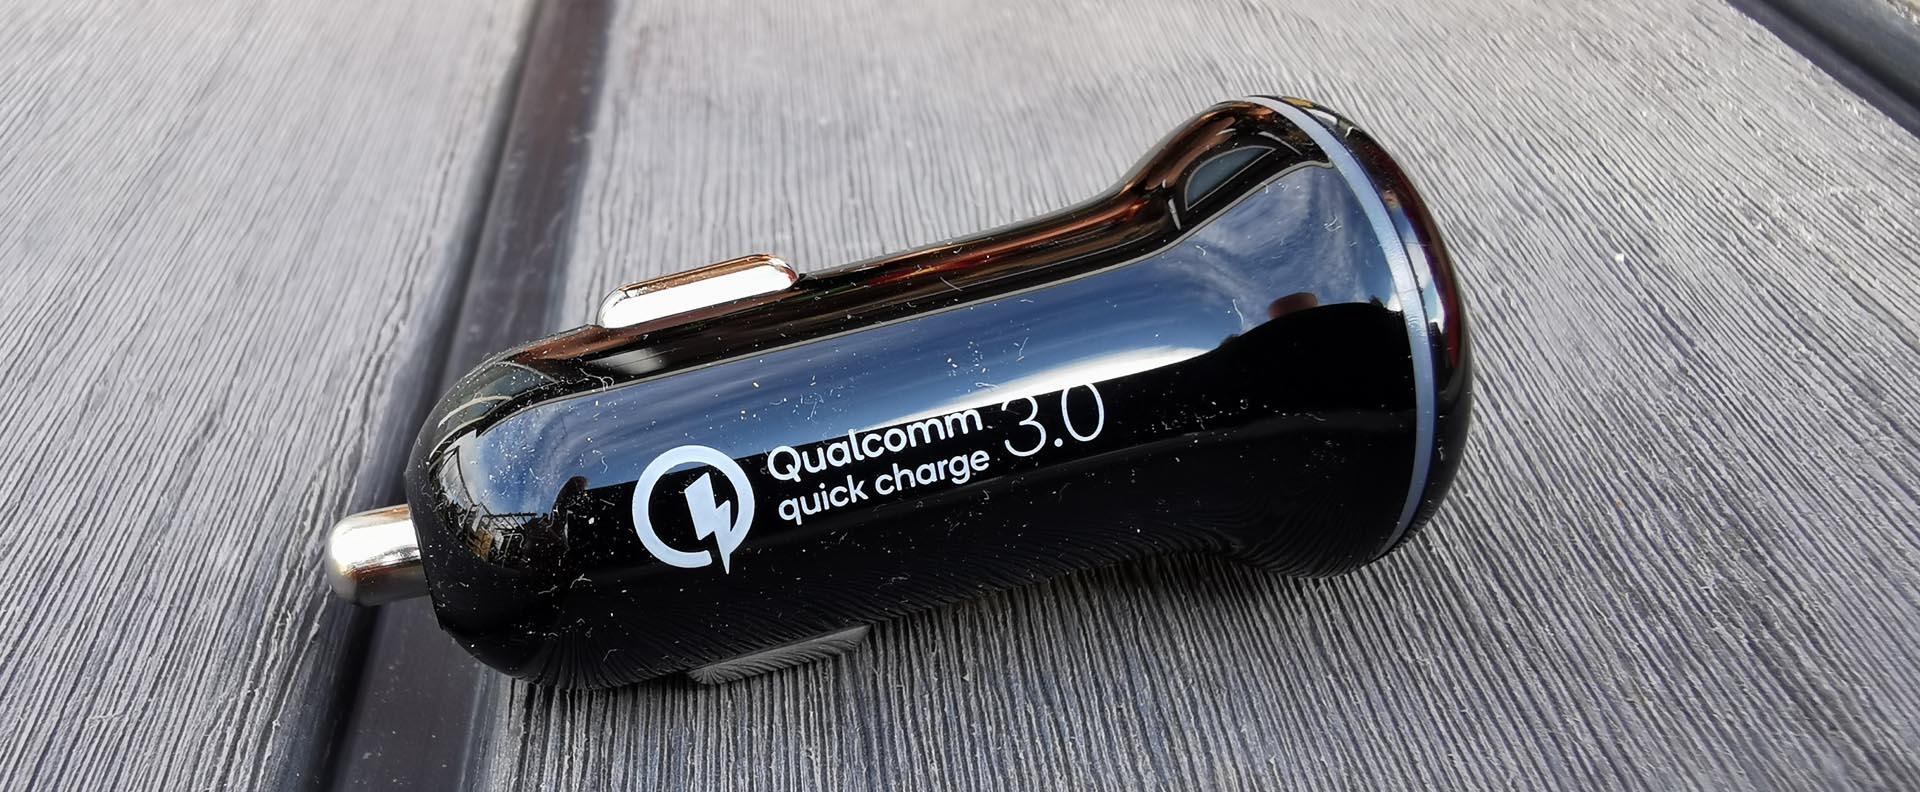 Ewent USB-C Charger 36 Watt EW1356 IMG_20191005_164312